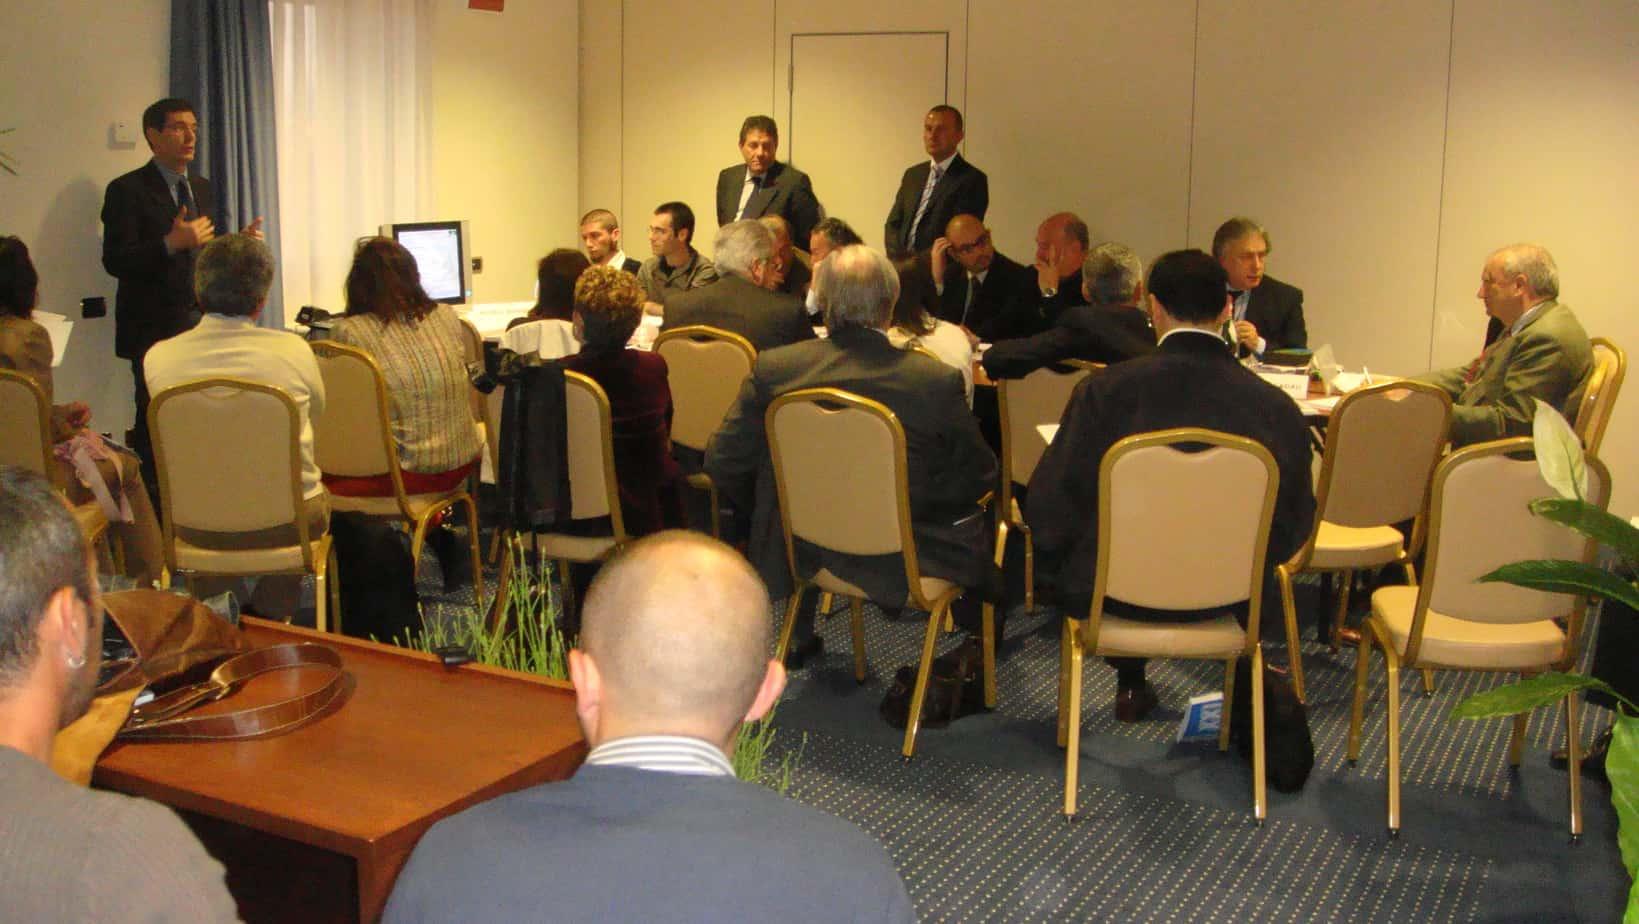 il-dott-tunesi-interviene-nel-workshop-sul-turismo-marittimo-sulla-tutela-delle-fasce-costiere-e-sulle-aree-protette